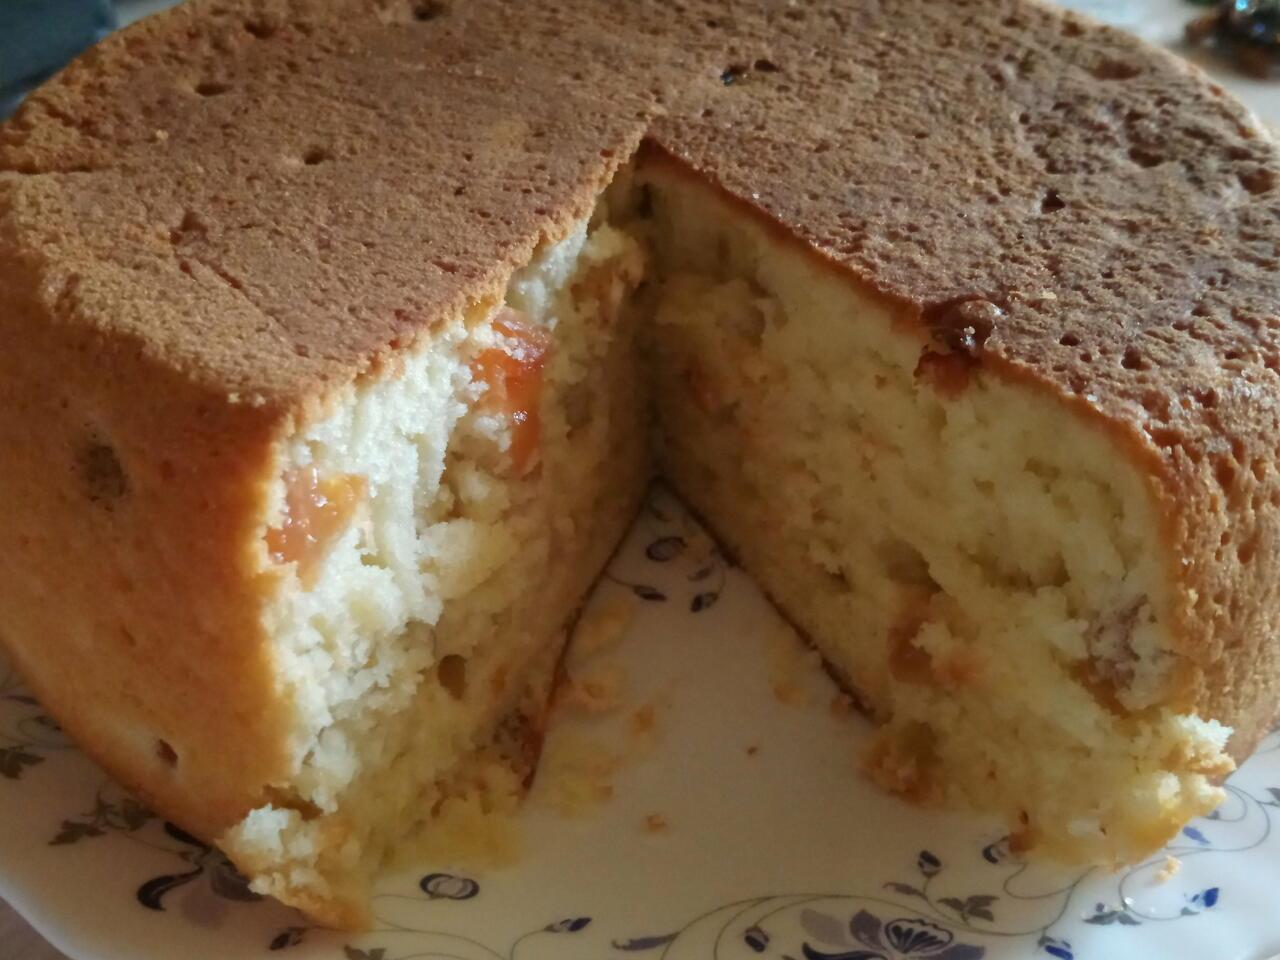 себе левую воздушный пирог на кефире рецепт с фото того